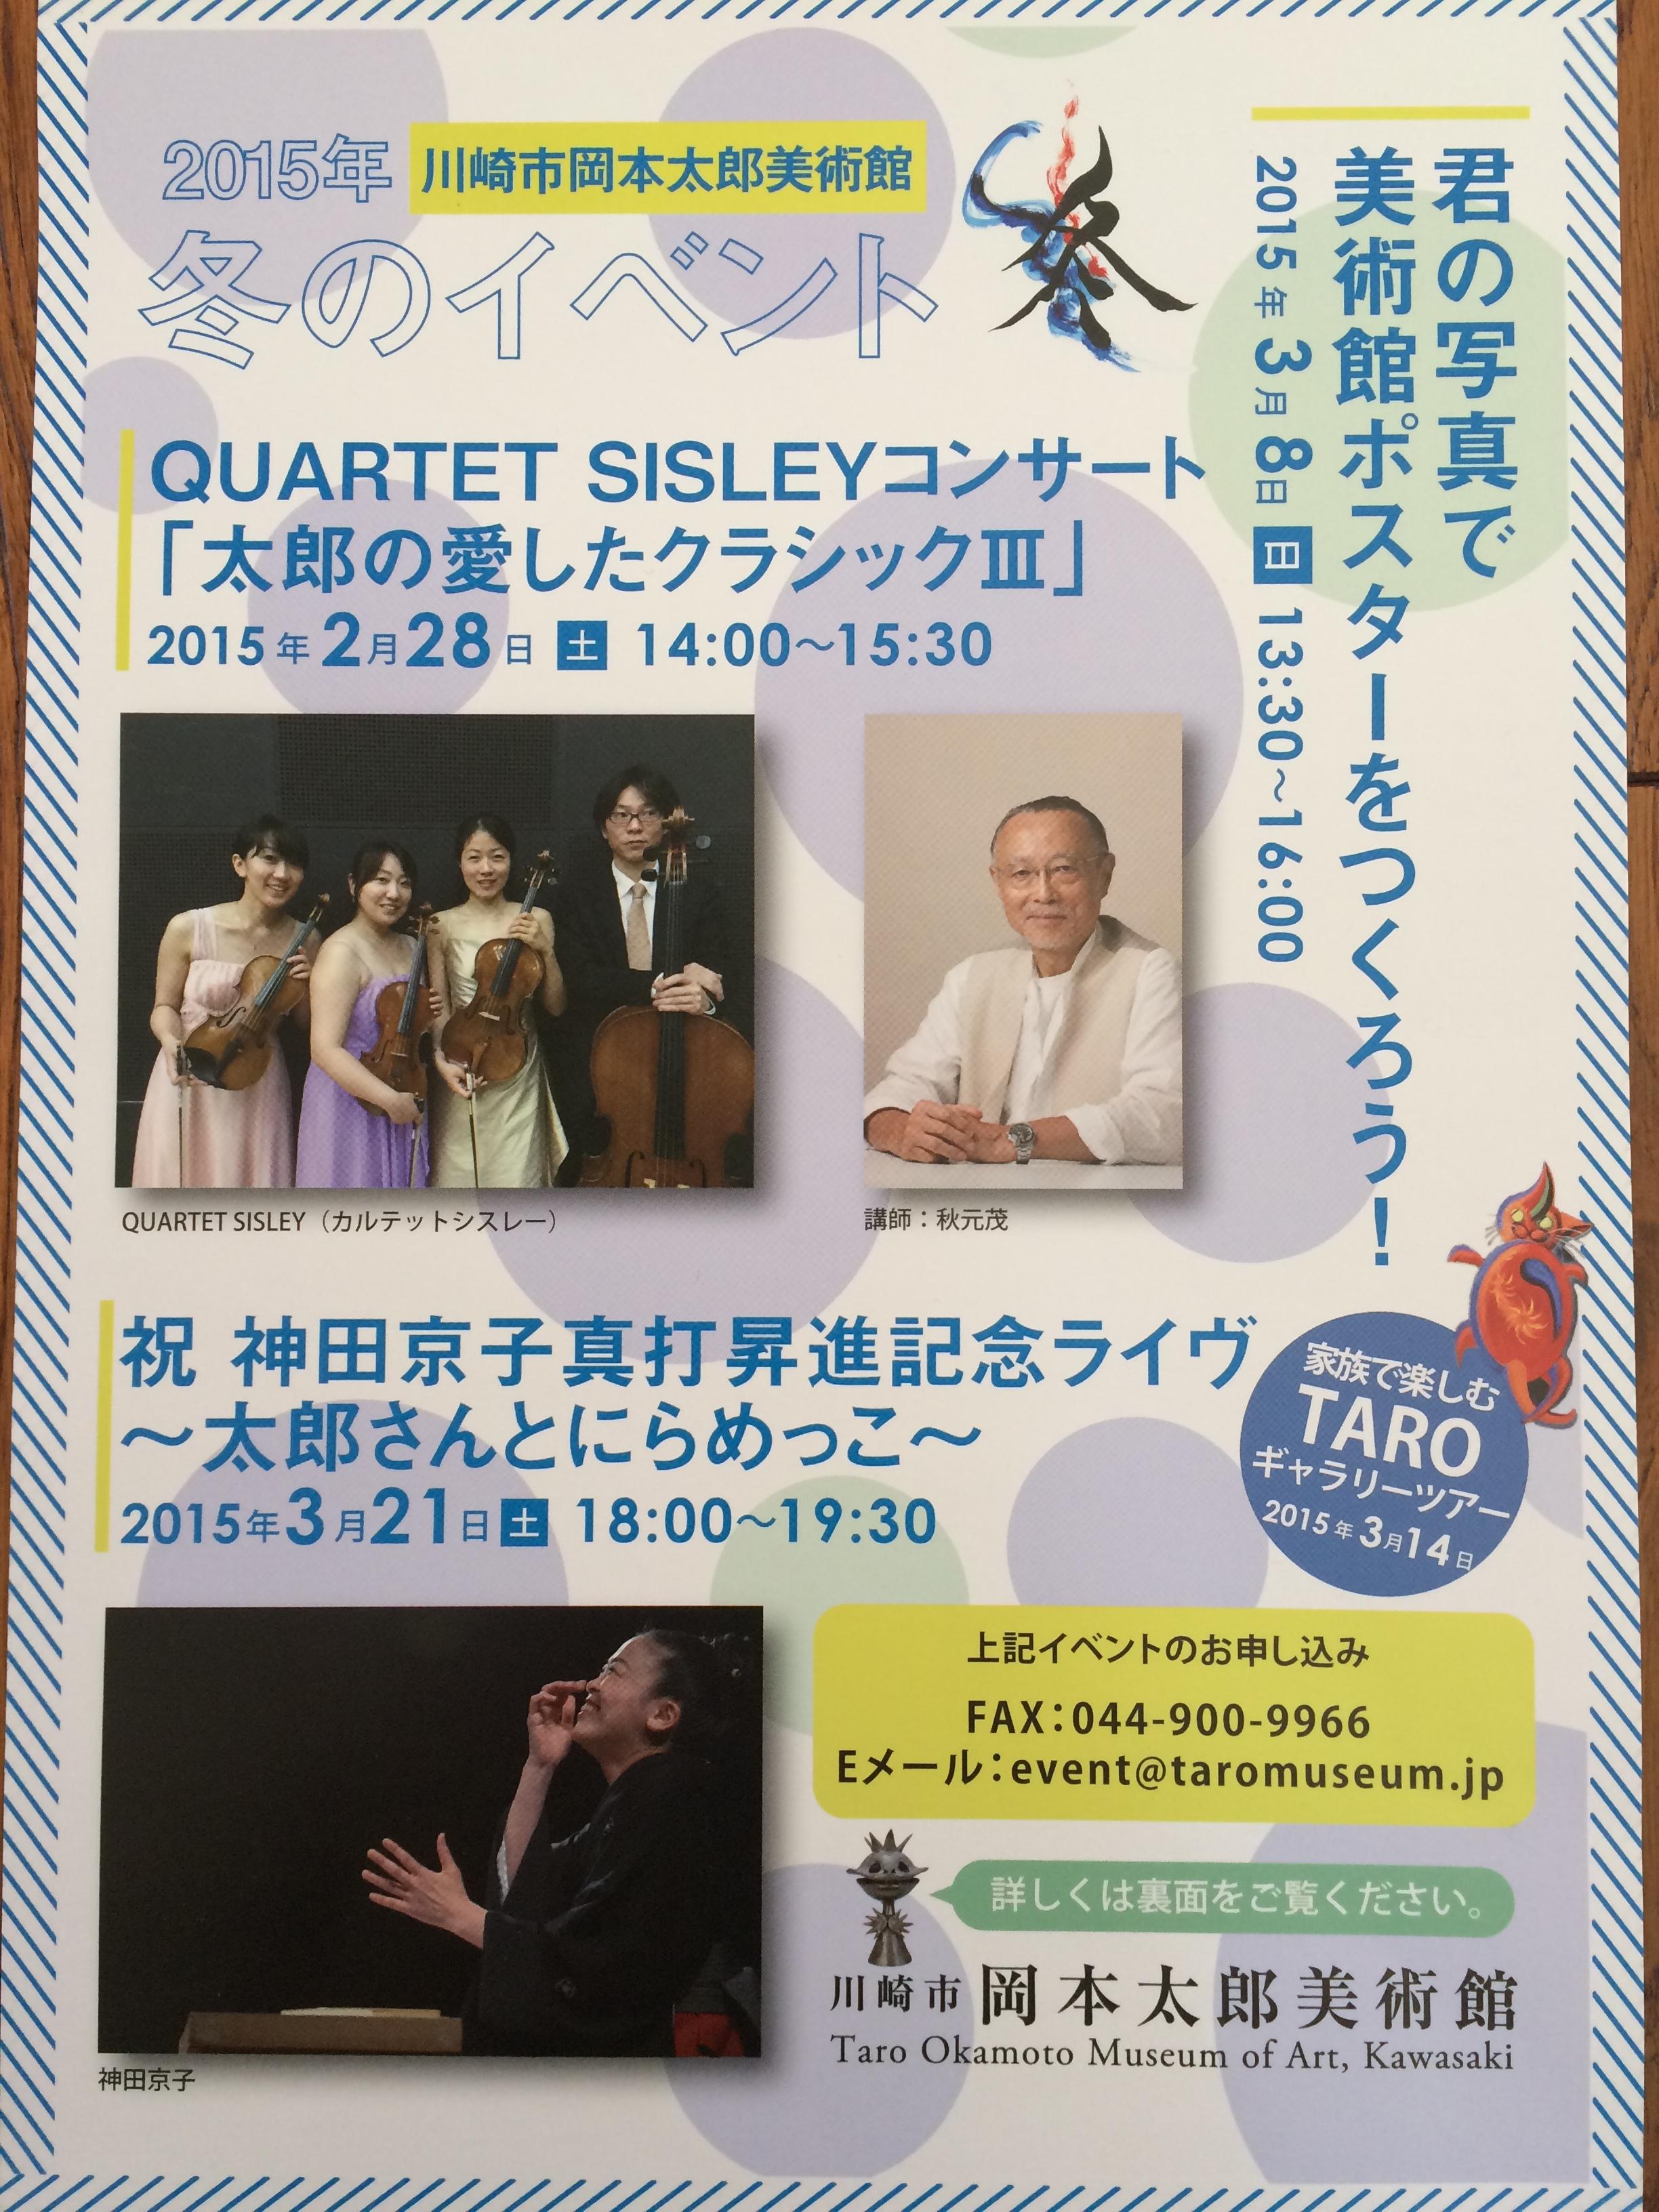 QUARTET SISLEYコンサート「太郎の愛したクラシックⅢ」 2015/02/28